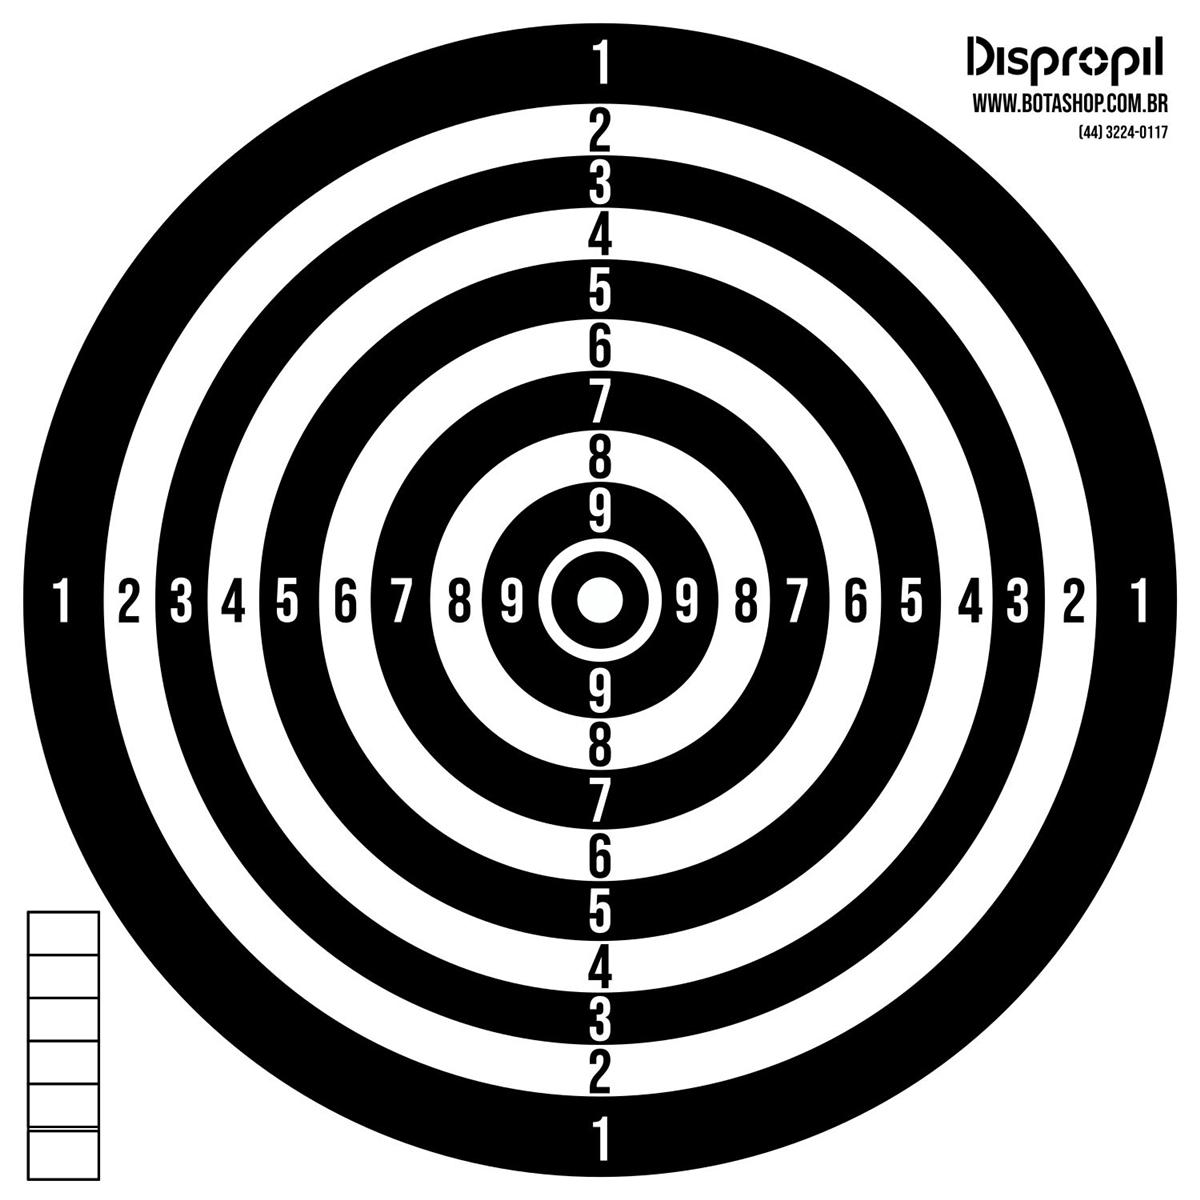 ALVO DE PAPEL RECICLÁVEL 17X17CM COM 100 UNIDADES - DISPROPIL